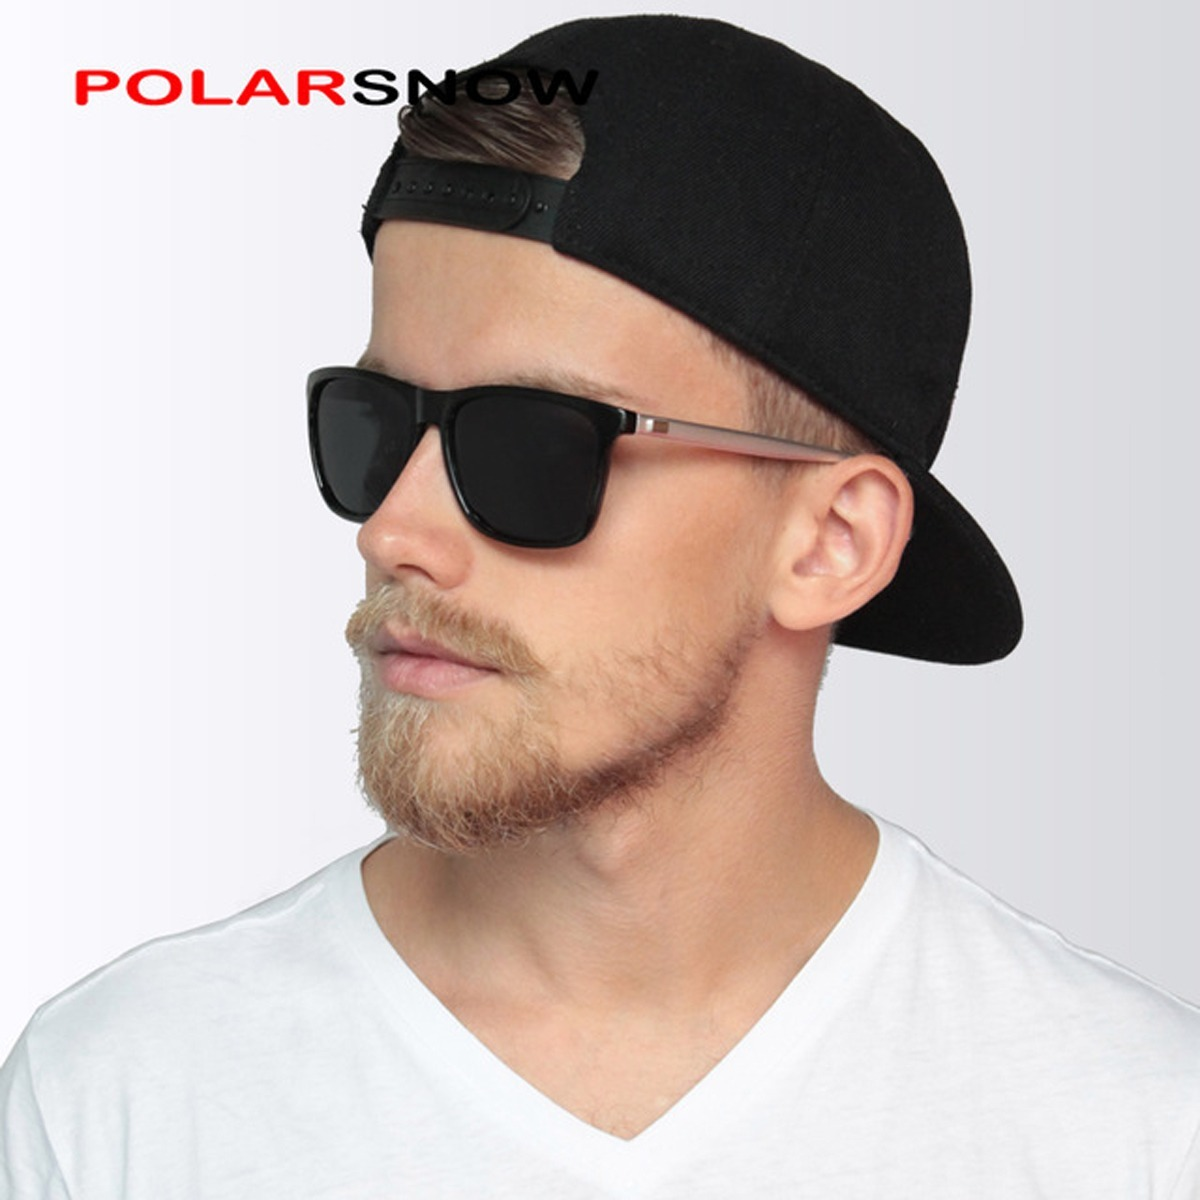 61a00ad4d óculos de sol masculino preto grande polarizado p8961 oferta. Carregando  zoom.